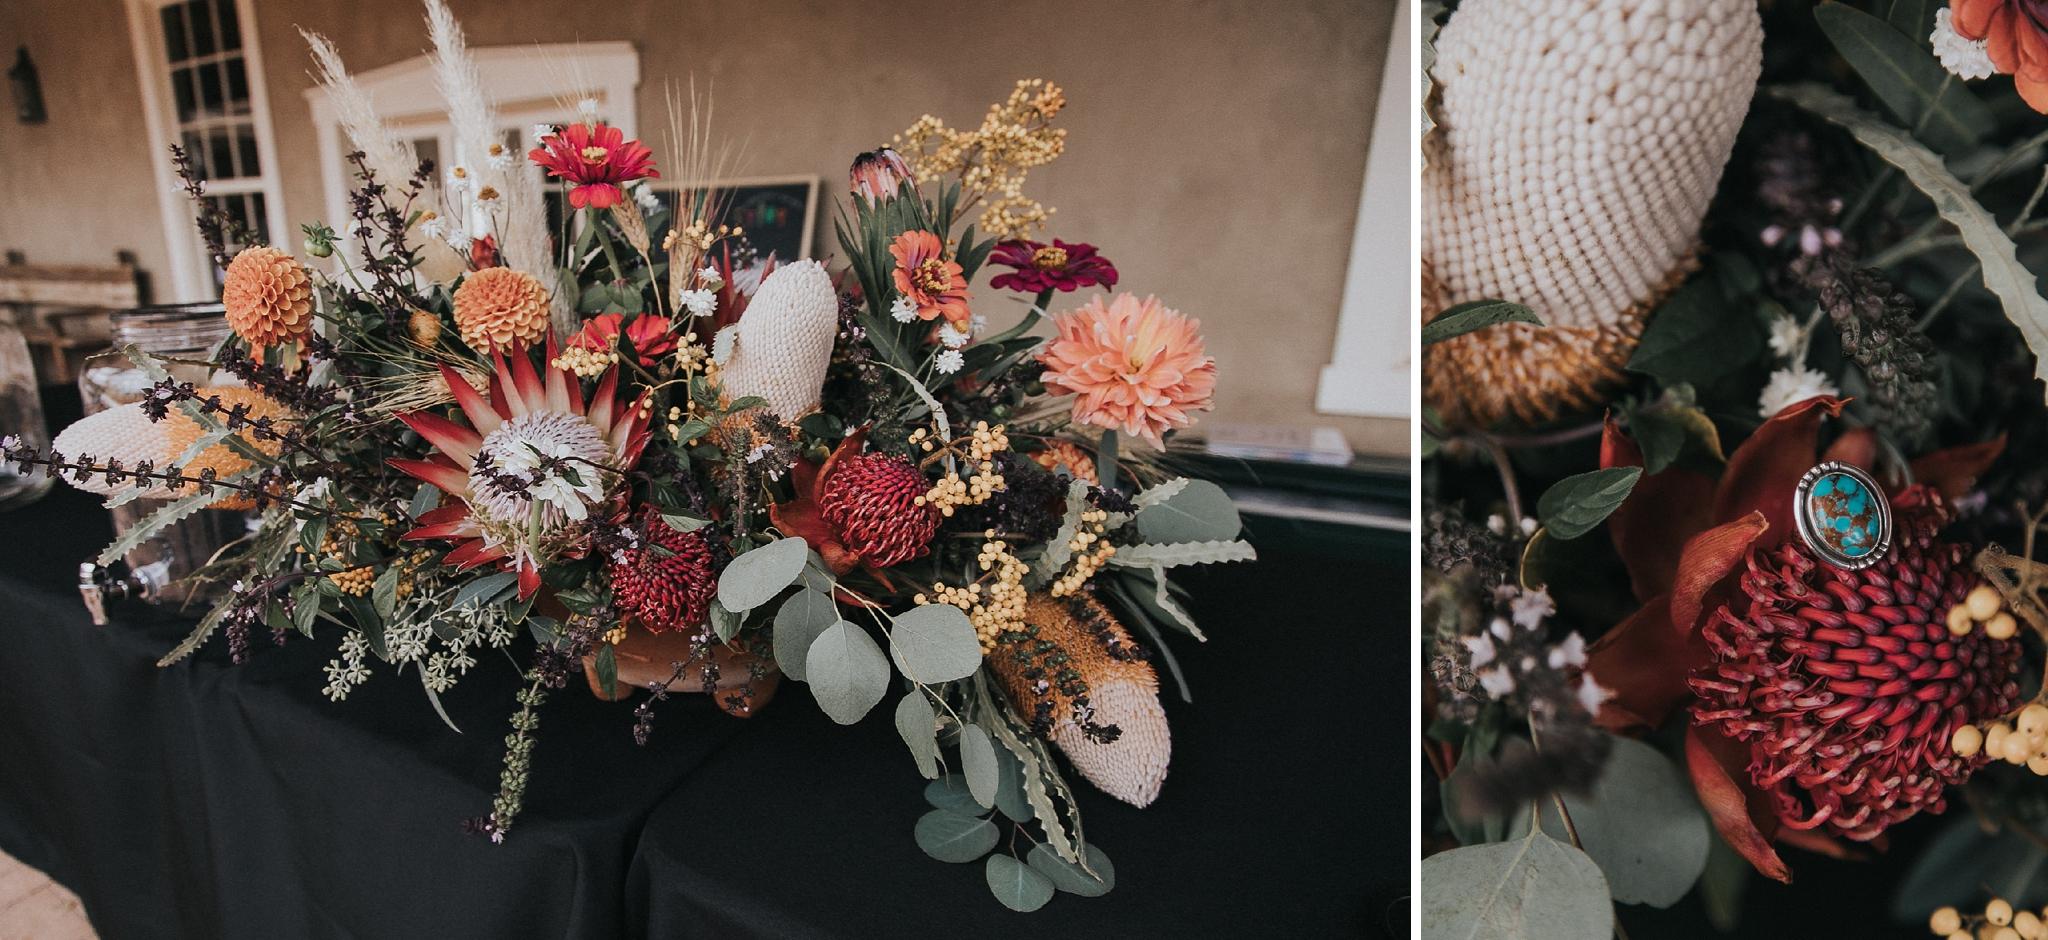 Alicia+lucia+photography+-+albuquerque+wedding+photographer+-+santa+fe+wedding+photography+-+new+mexico+wedding+photographer+-+new+mexico+wedding+-+new+mexico+wedding+-+wedding+florals+-+desert+wedding+-+wedding+trends_0066.jpg